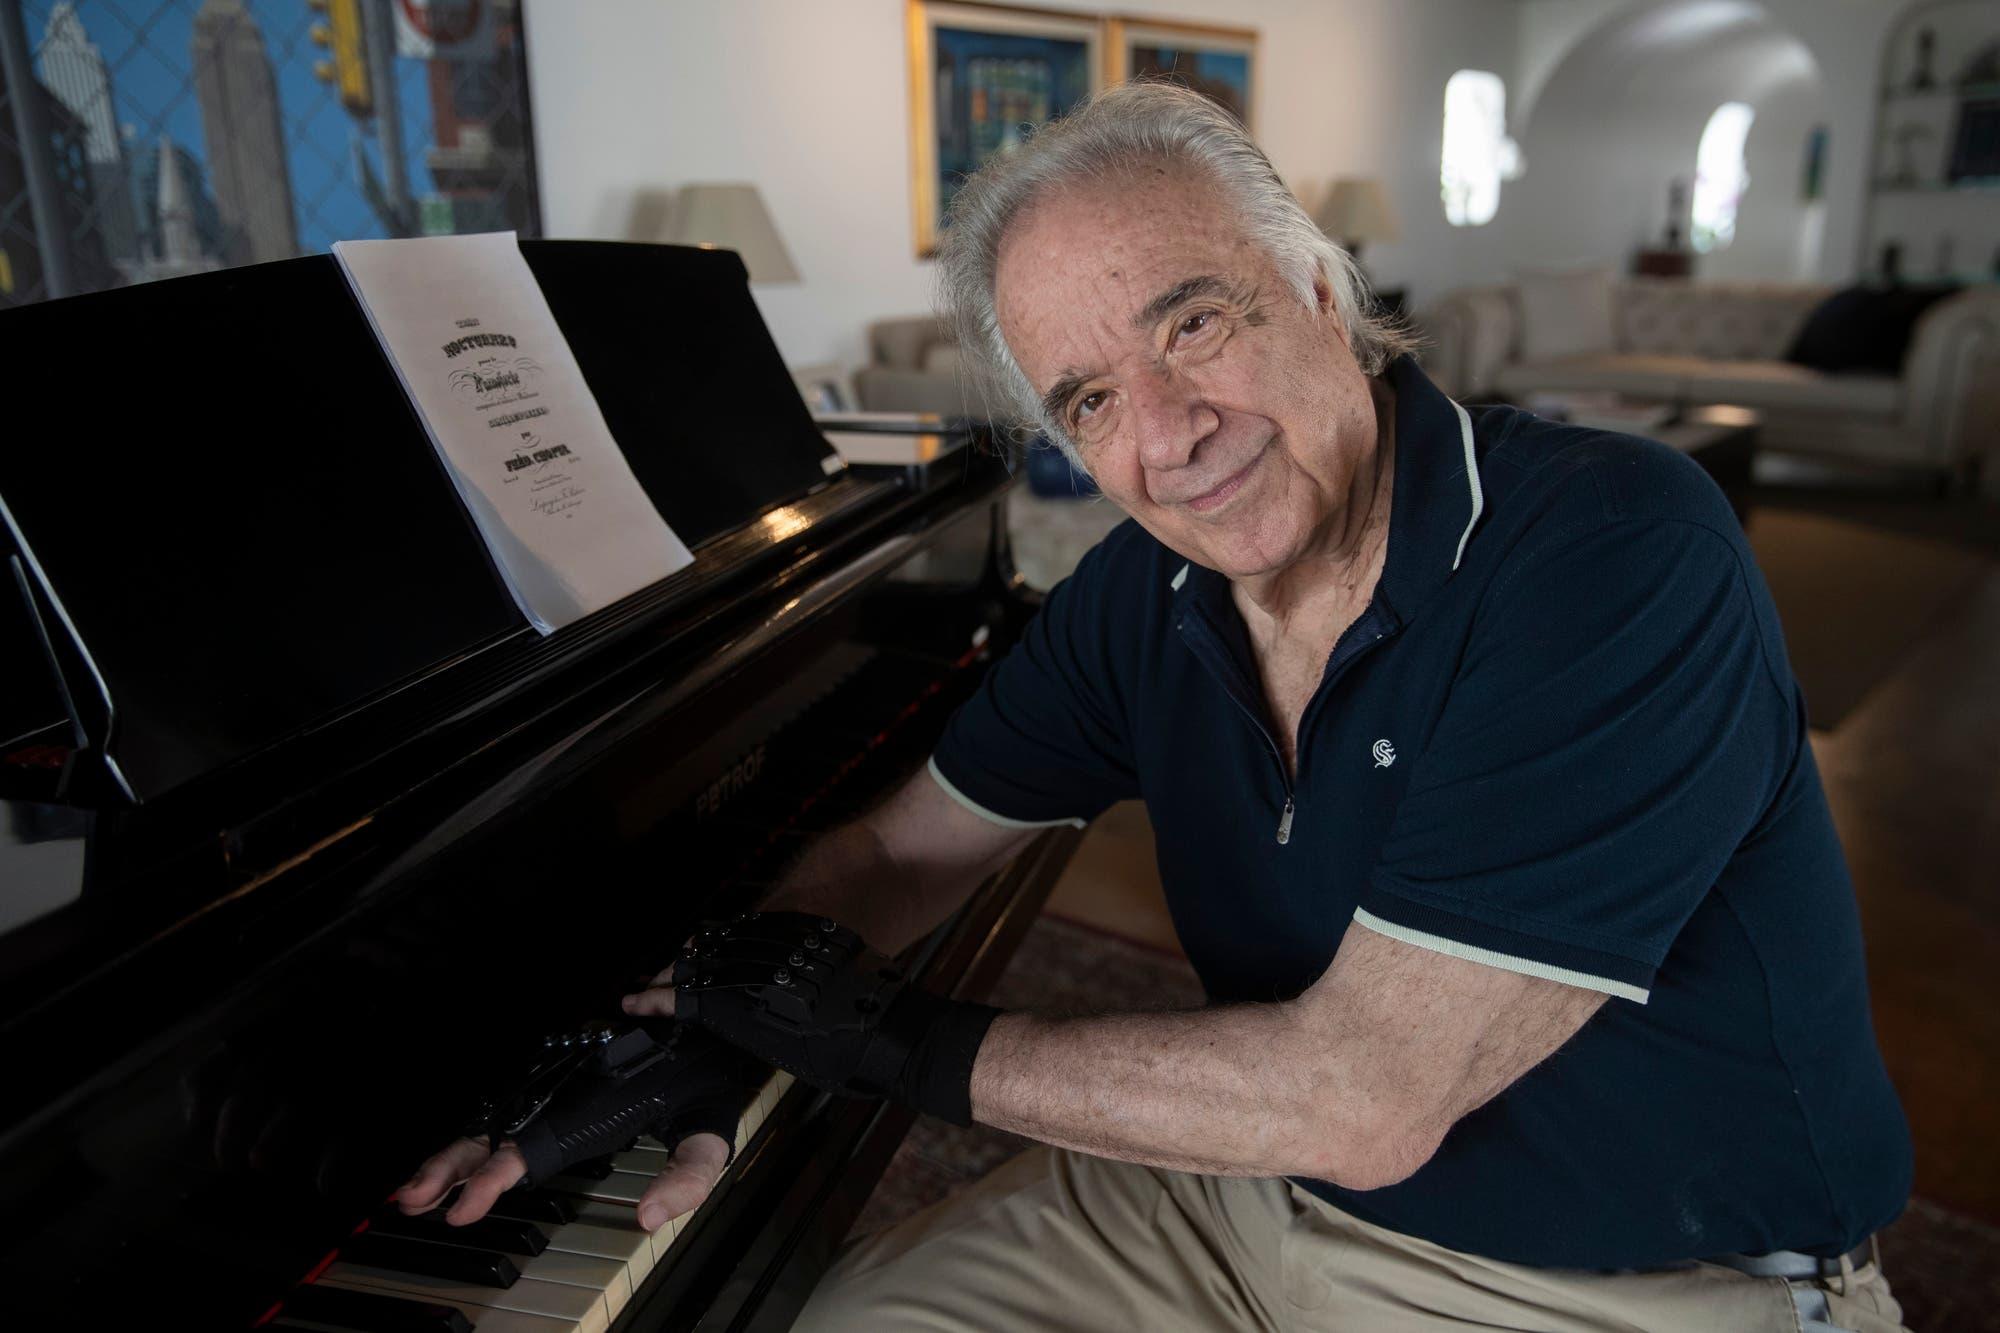 Gracias a unos guantes biónicos, el pianista Joäo Carlos Martins pudo volver a interpretar a Bach